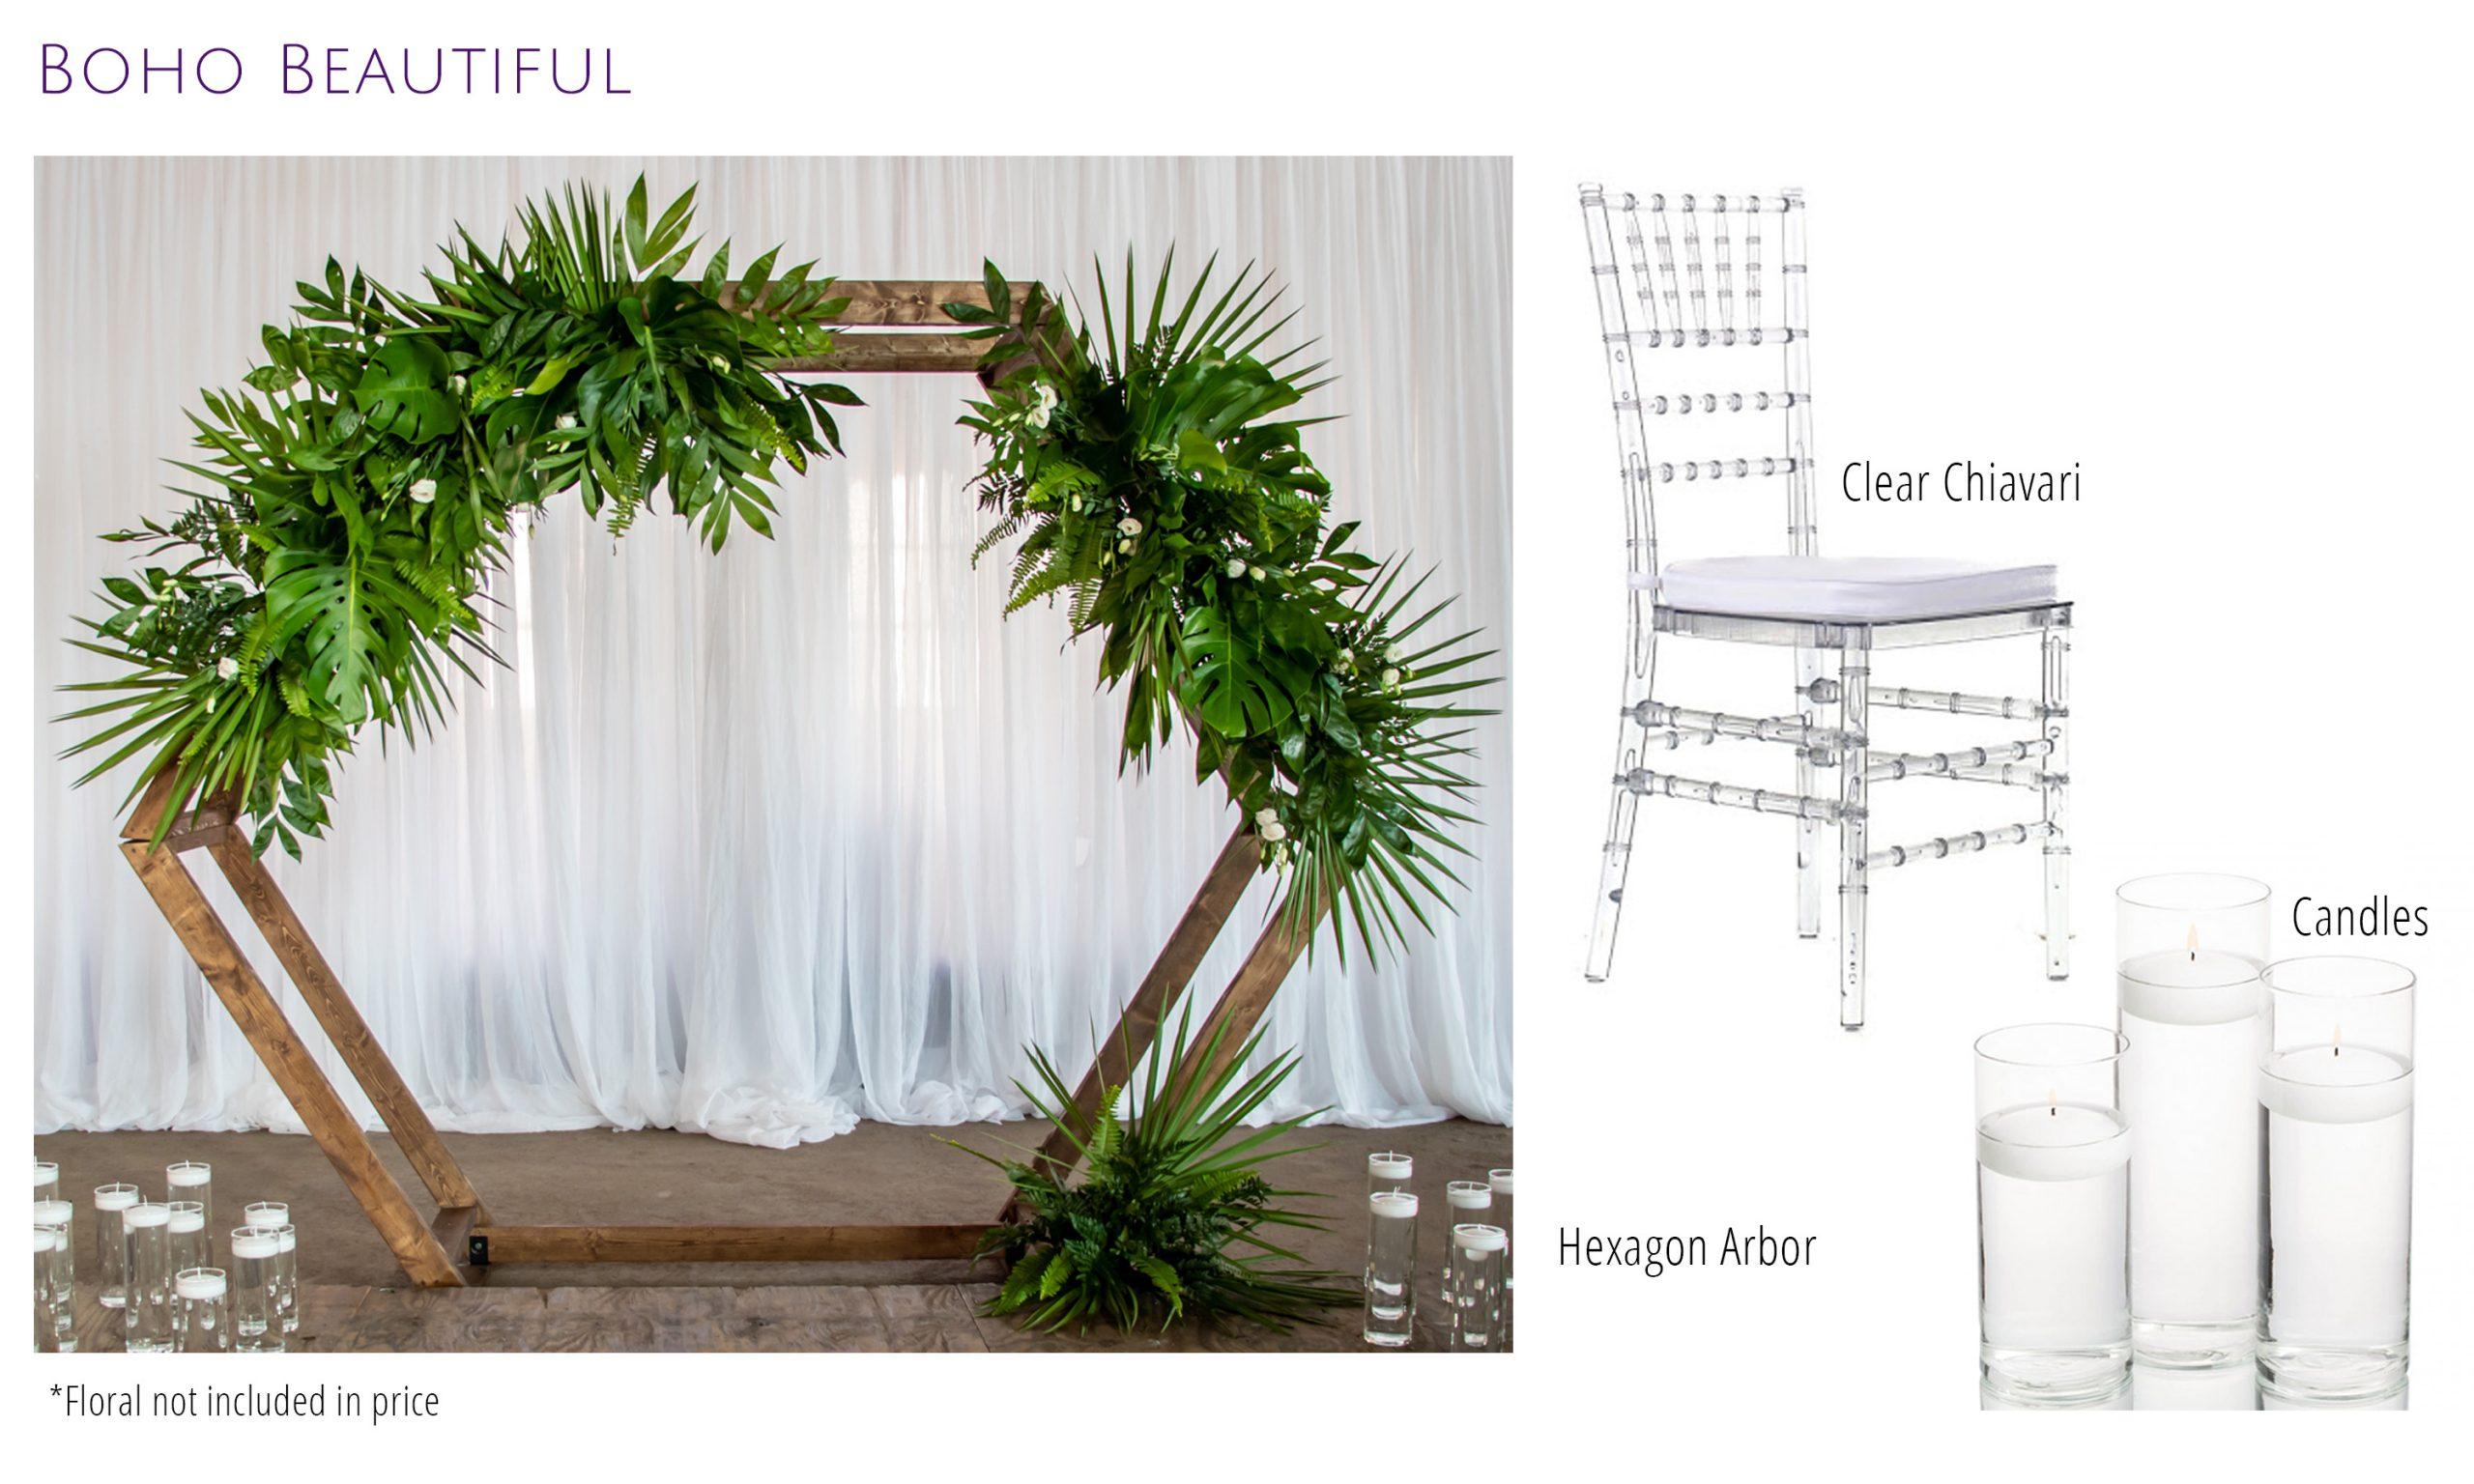 Boho Beautiful Wedding Decor